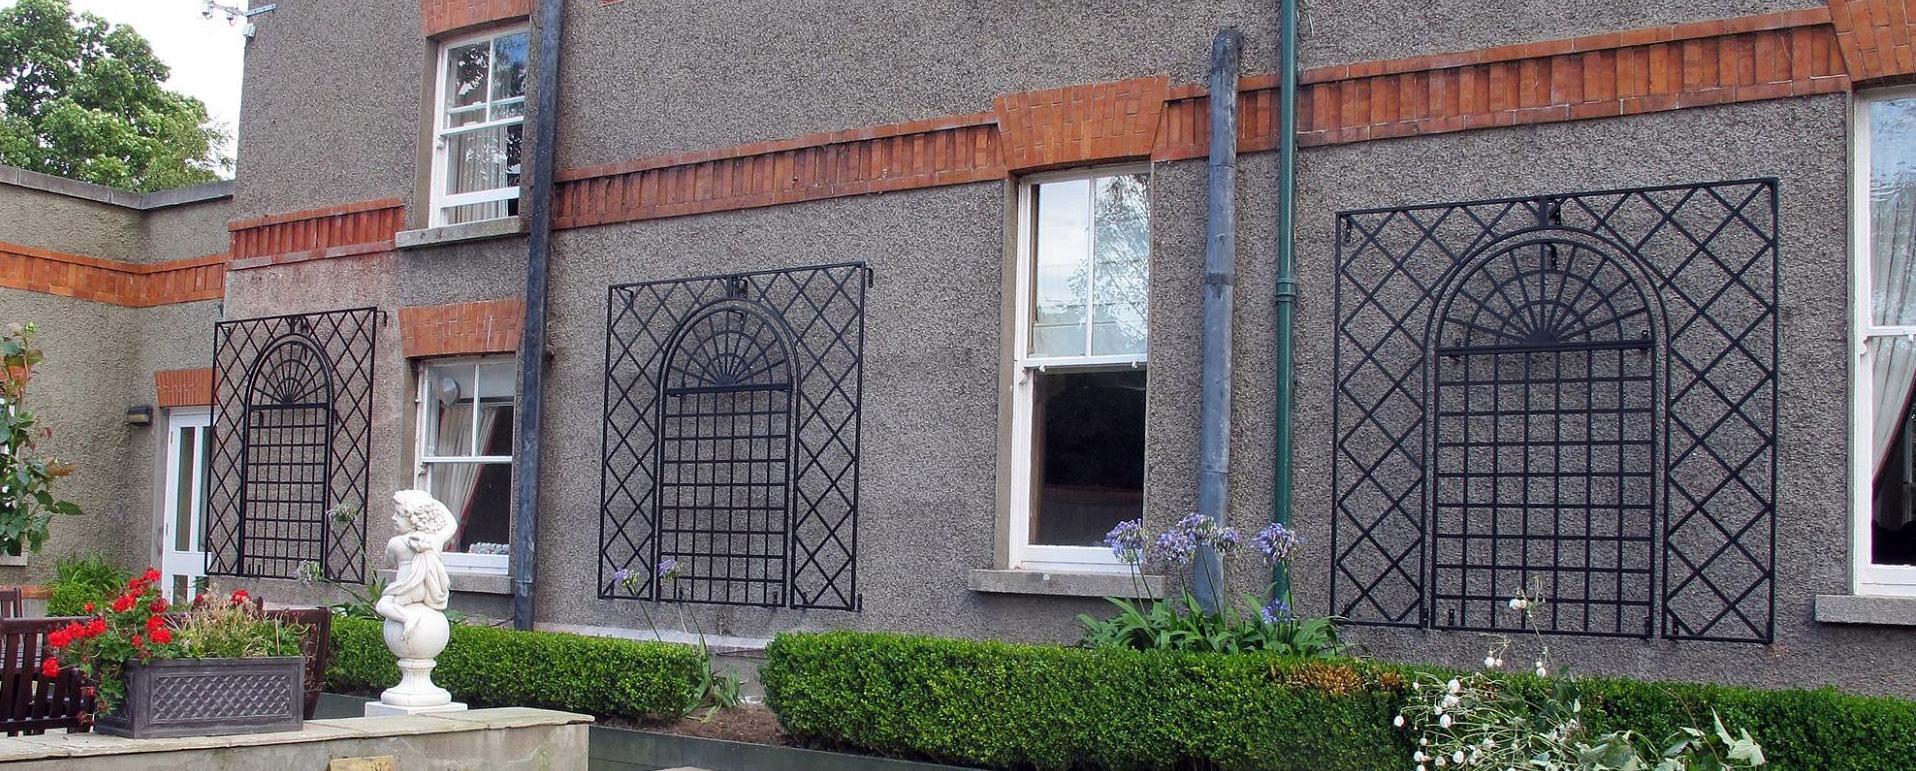 Treillage Kombination zwischen Fenstern